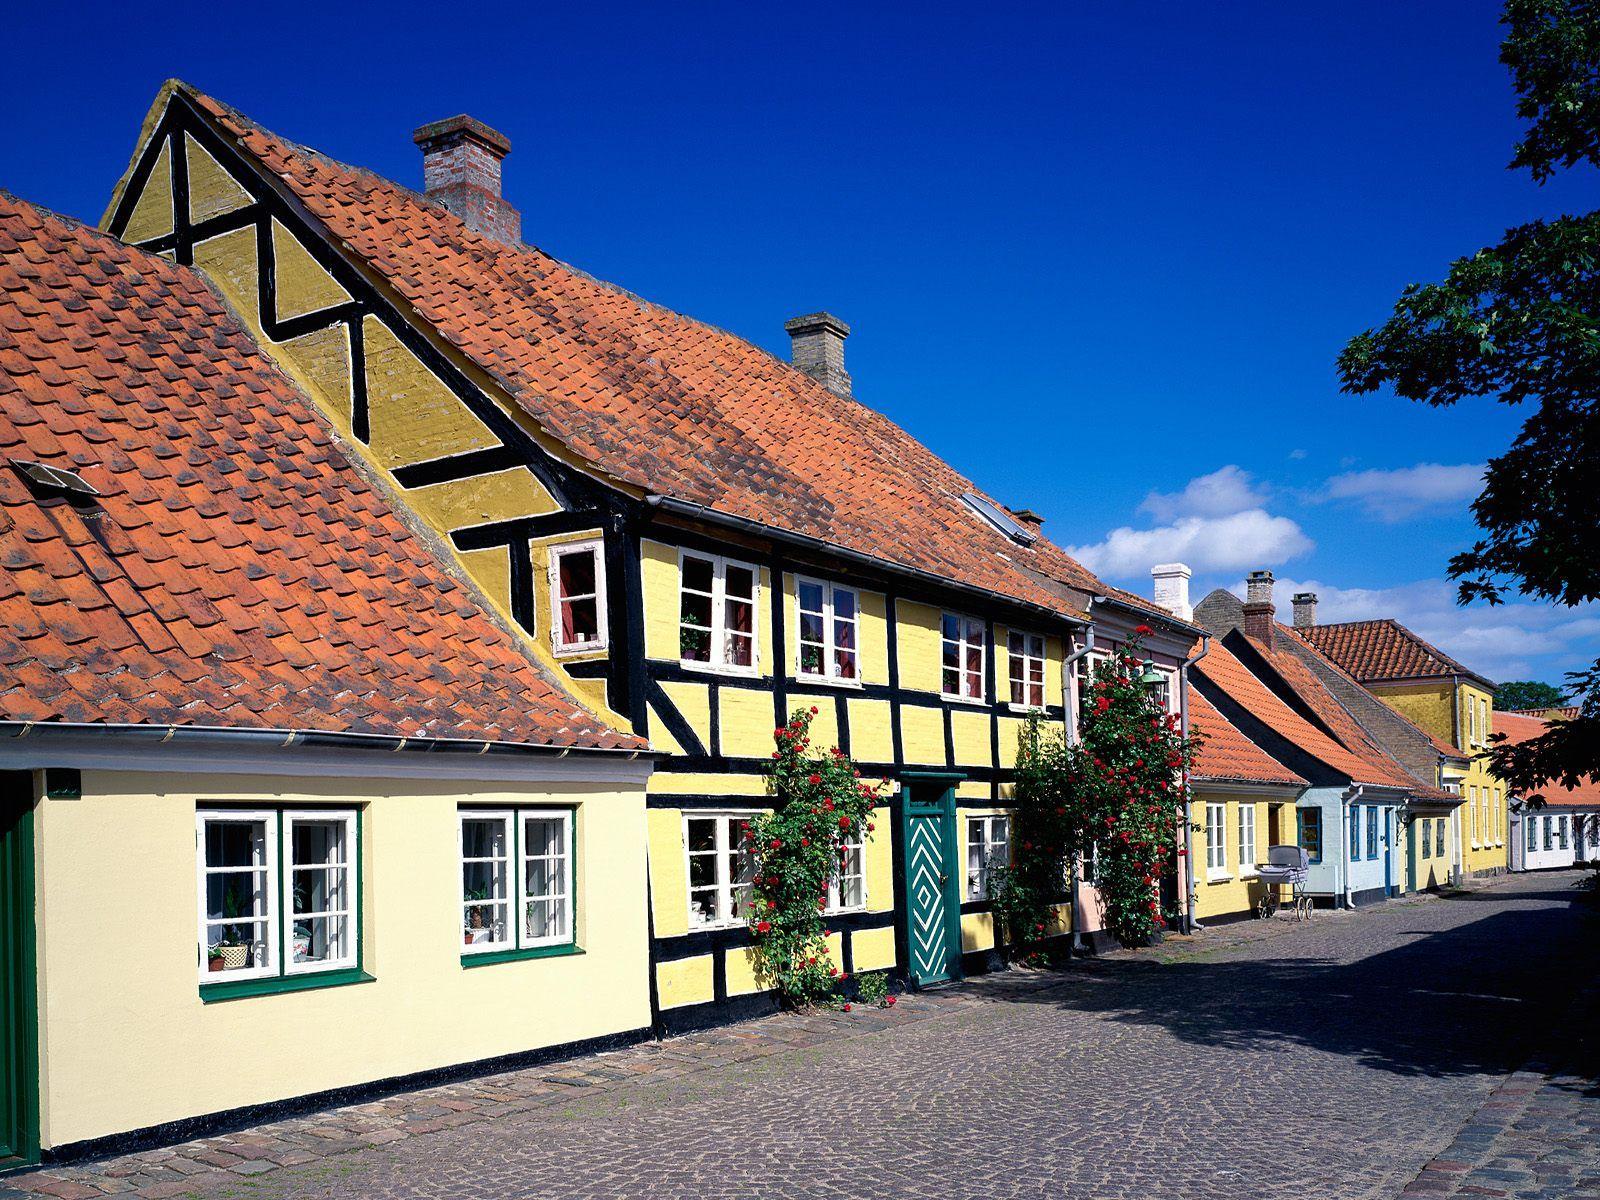 Denmark Scandinavian Architecture Denmark Around The World In 80 Days